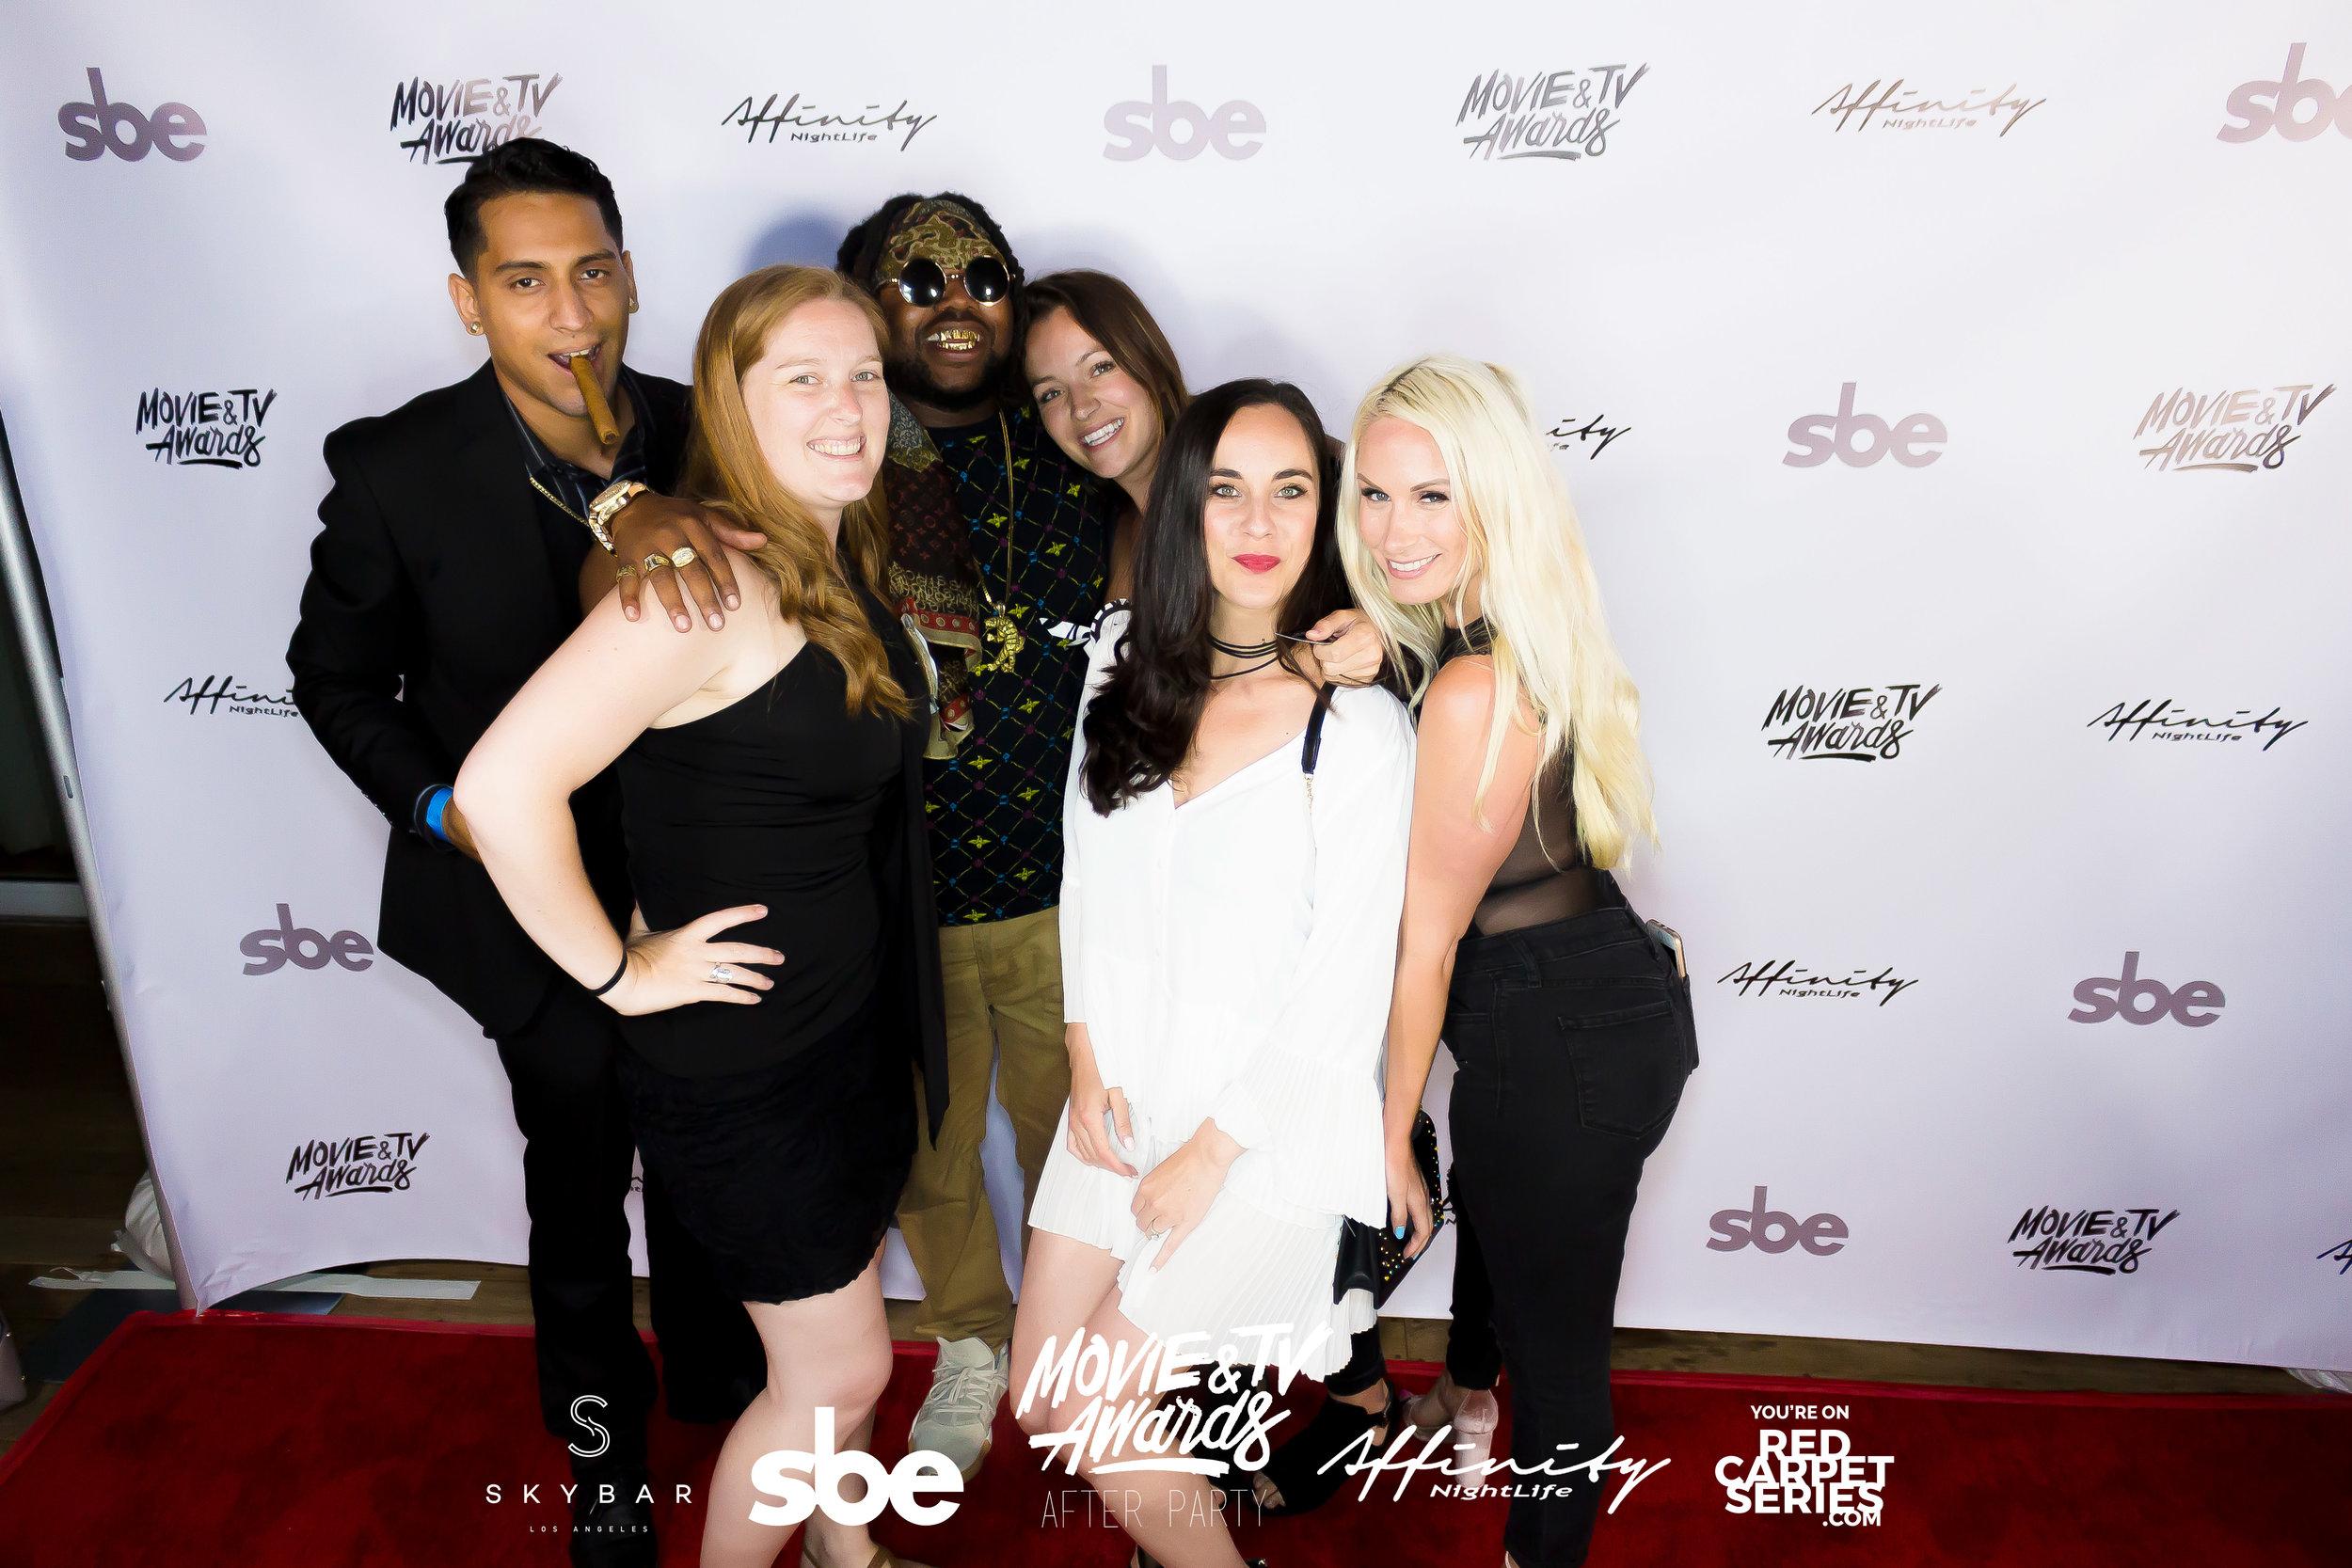 Affinity Nightlife MTV Movie & TV Awards After Party - Skybar at Mondrian - 06-15-19 - Vol. 2_131.jpg